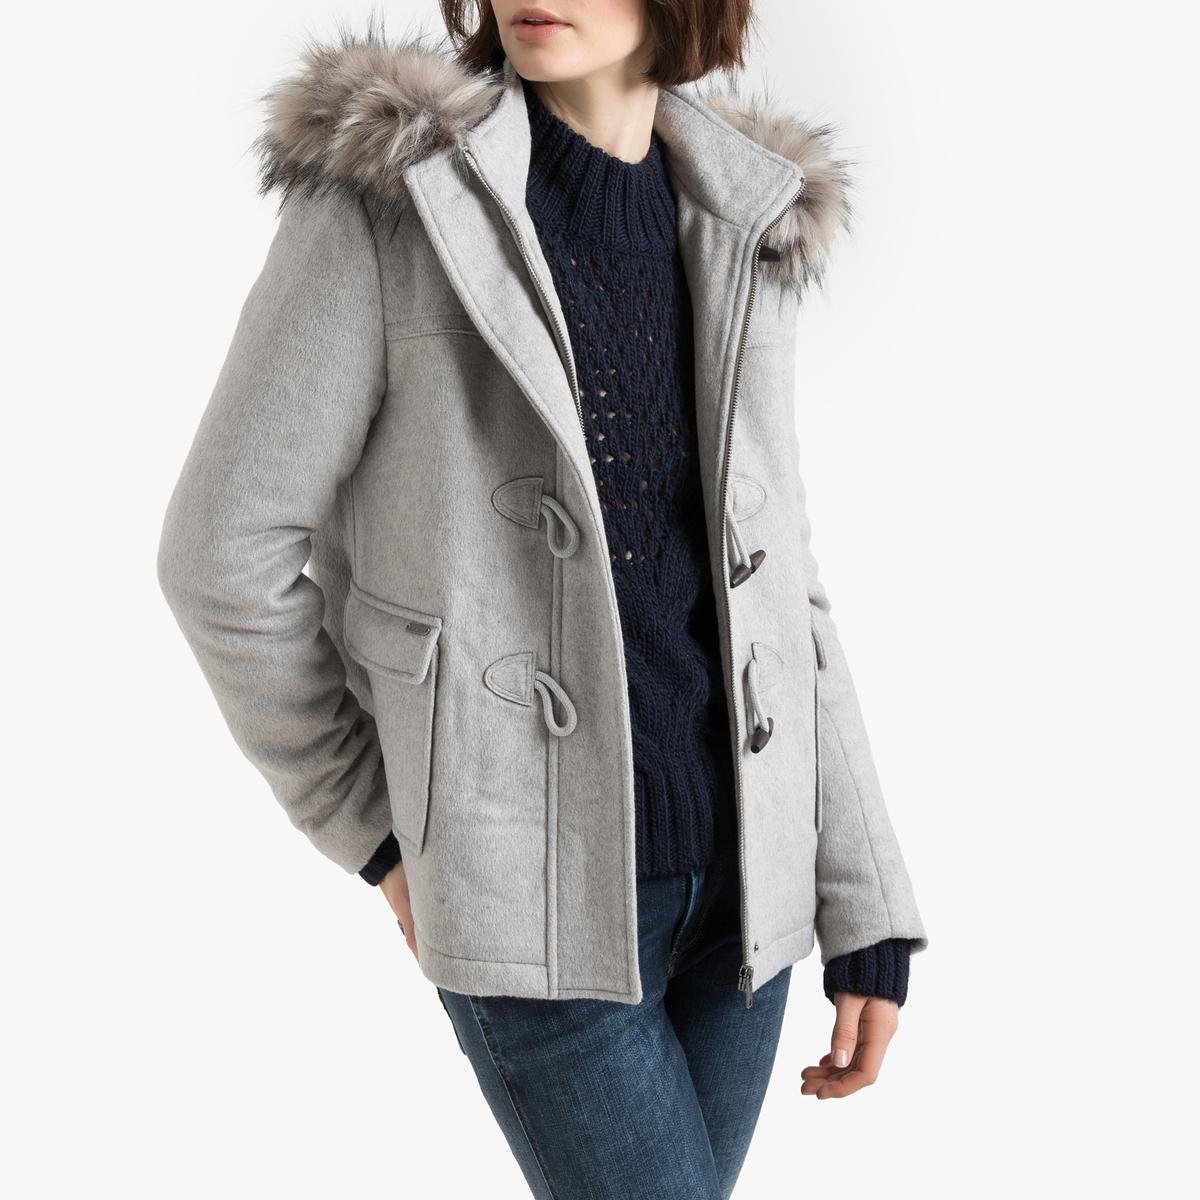 Abrigo trenca austríaca con capucha